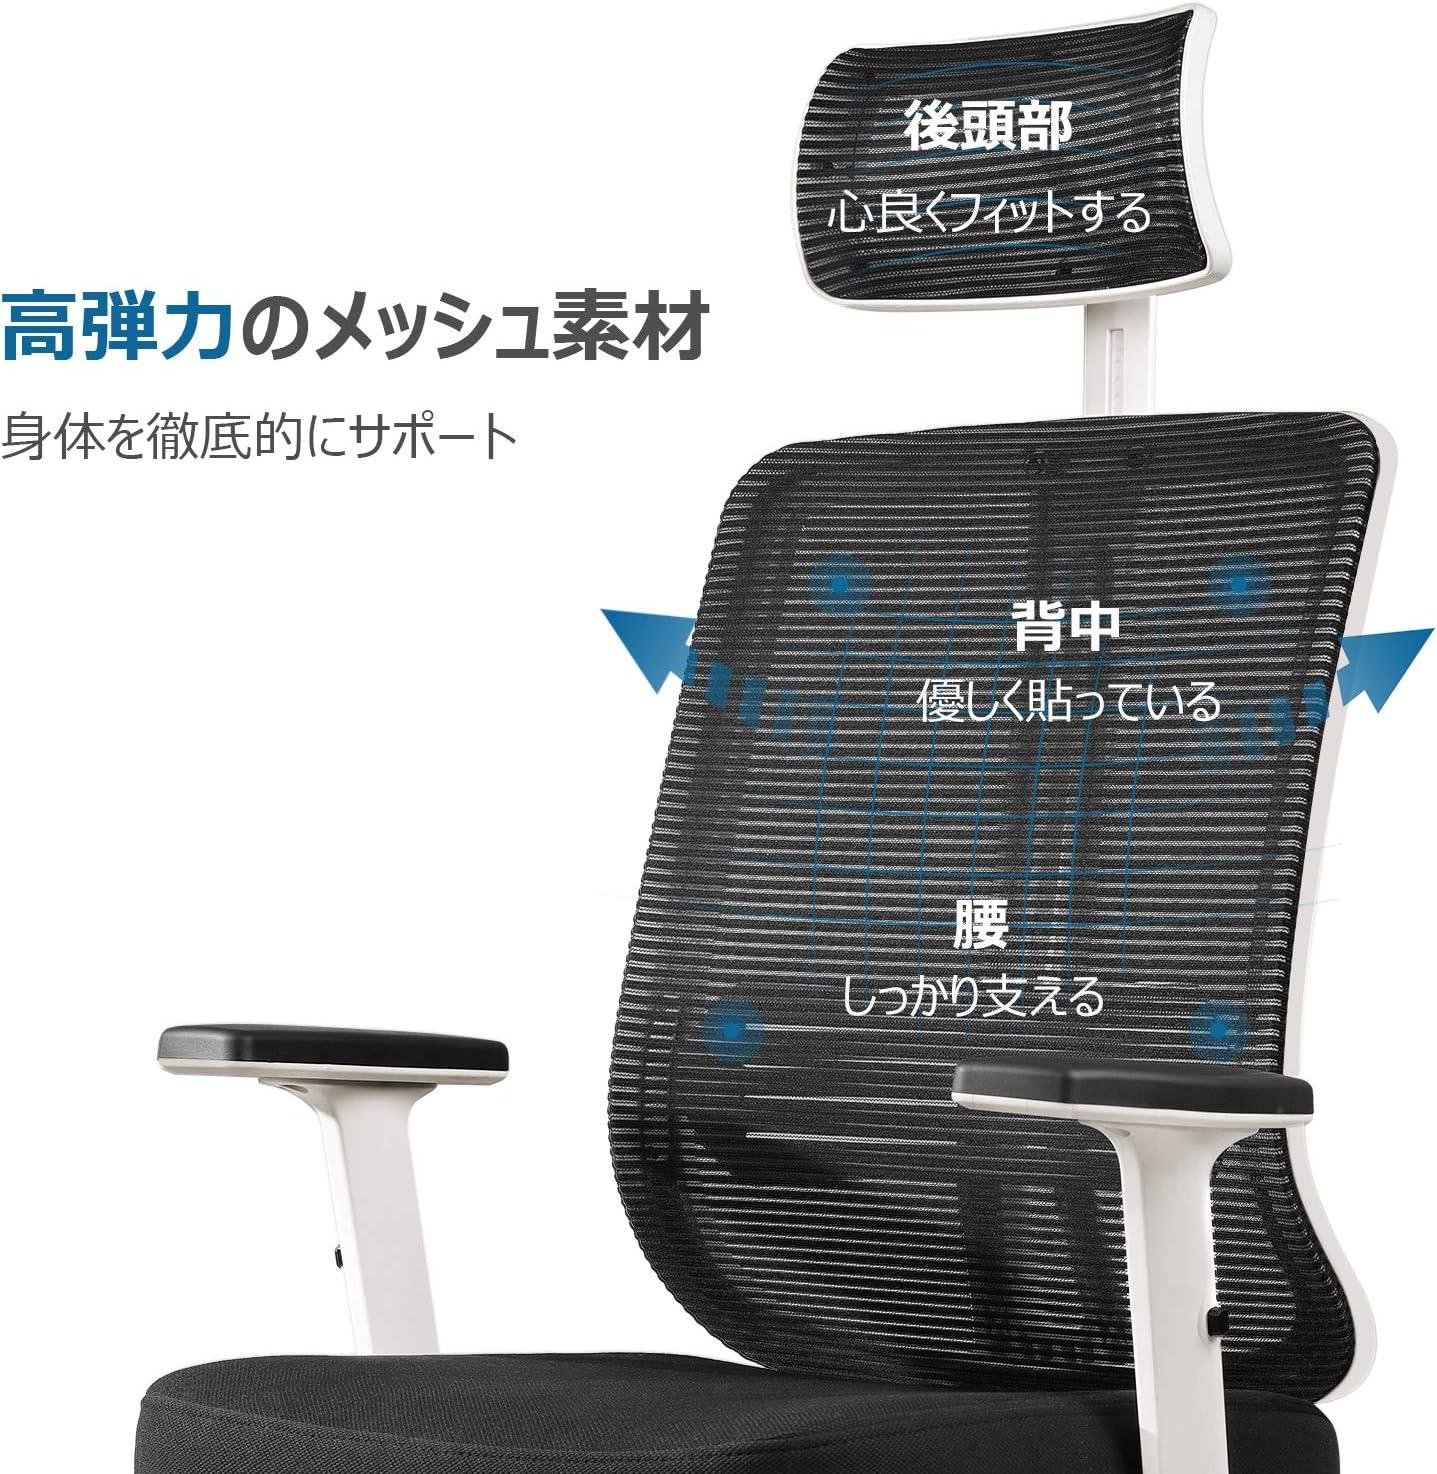 オフィスチェア,メッシュ,椅子,デスクチェア,テレワーク,在宅勤務,心地いい椅子